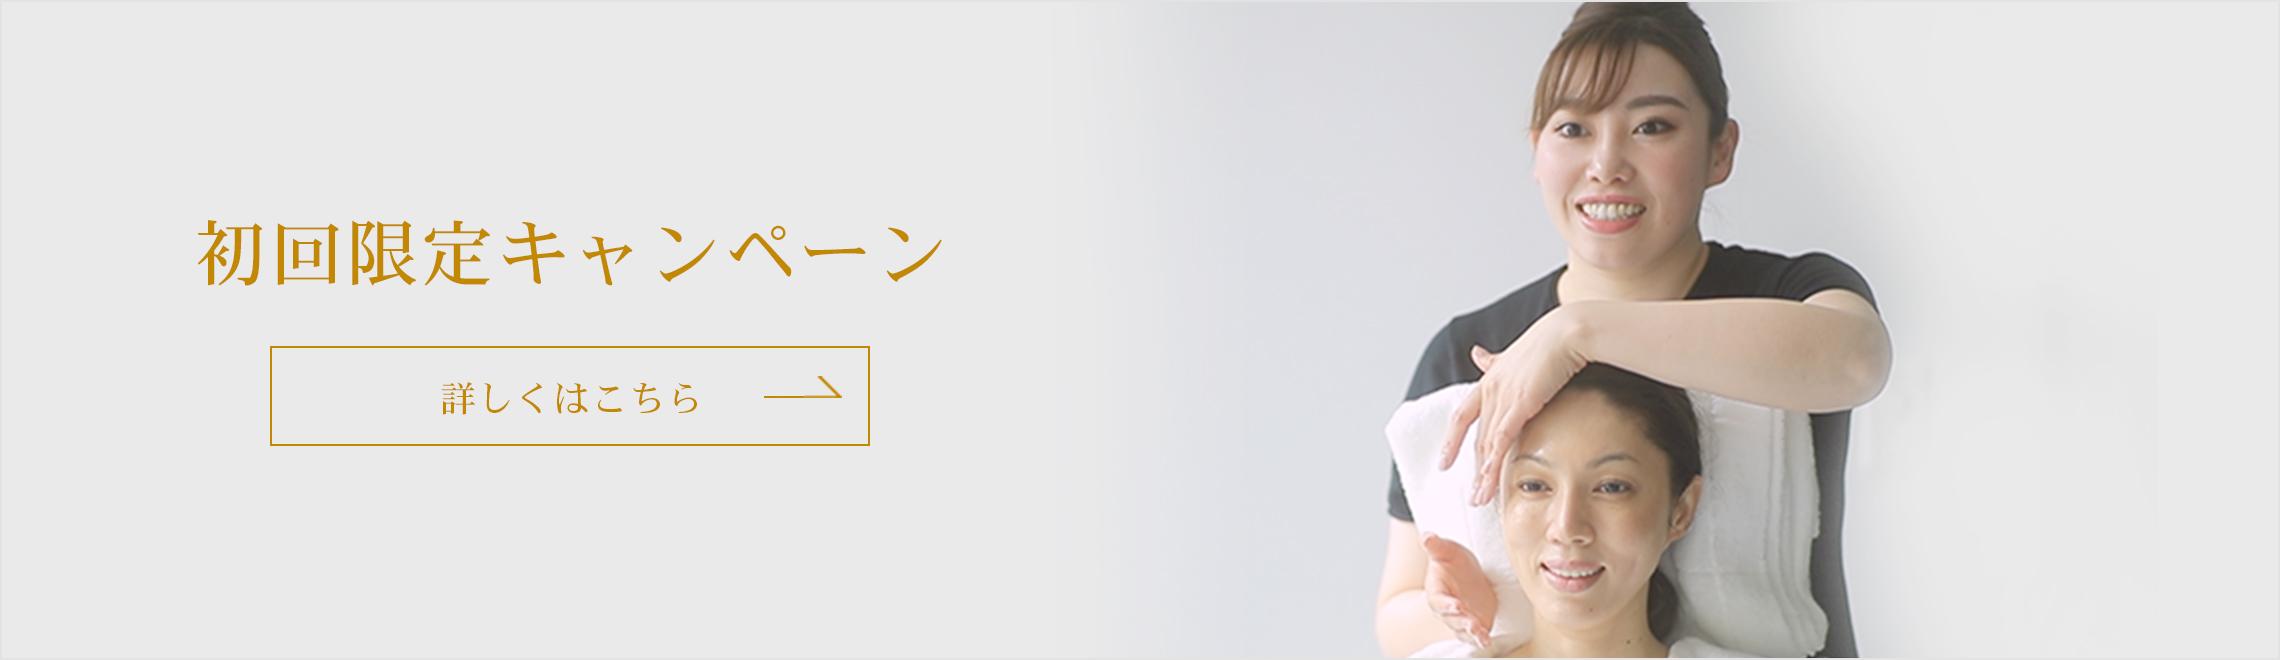 静岡市の痩身・小顔専門エステ初回限定キャンペーン